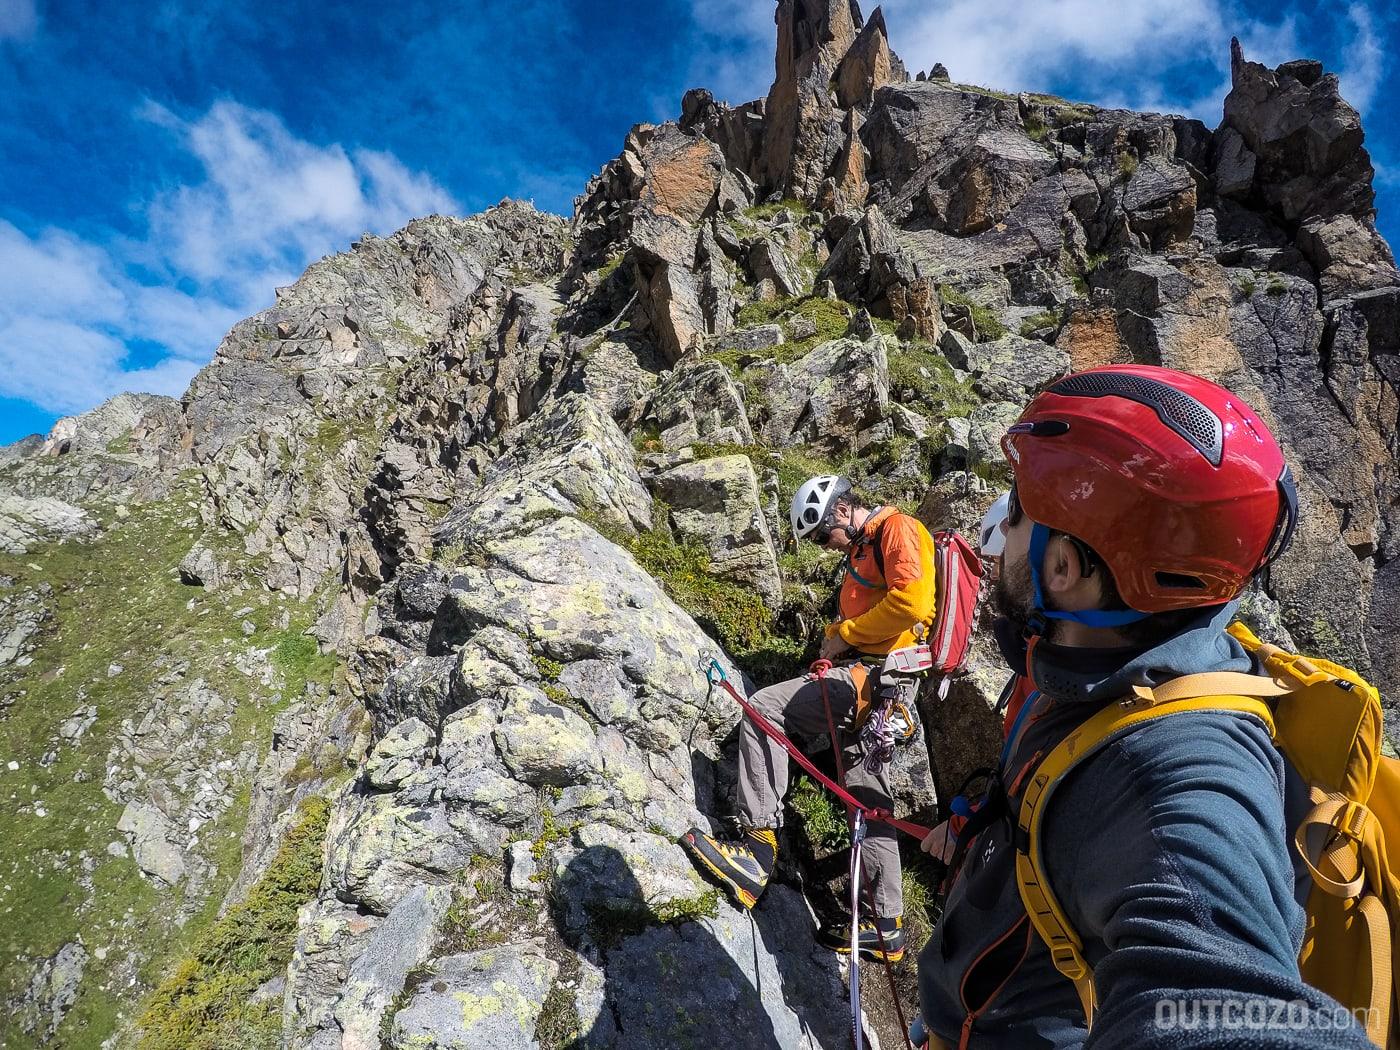 Hörgerät beim Wandern und Klettern